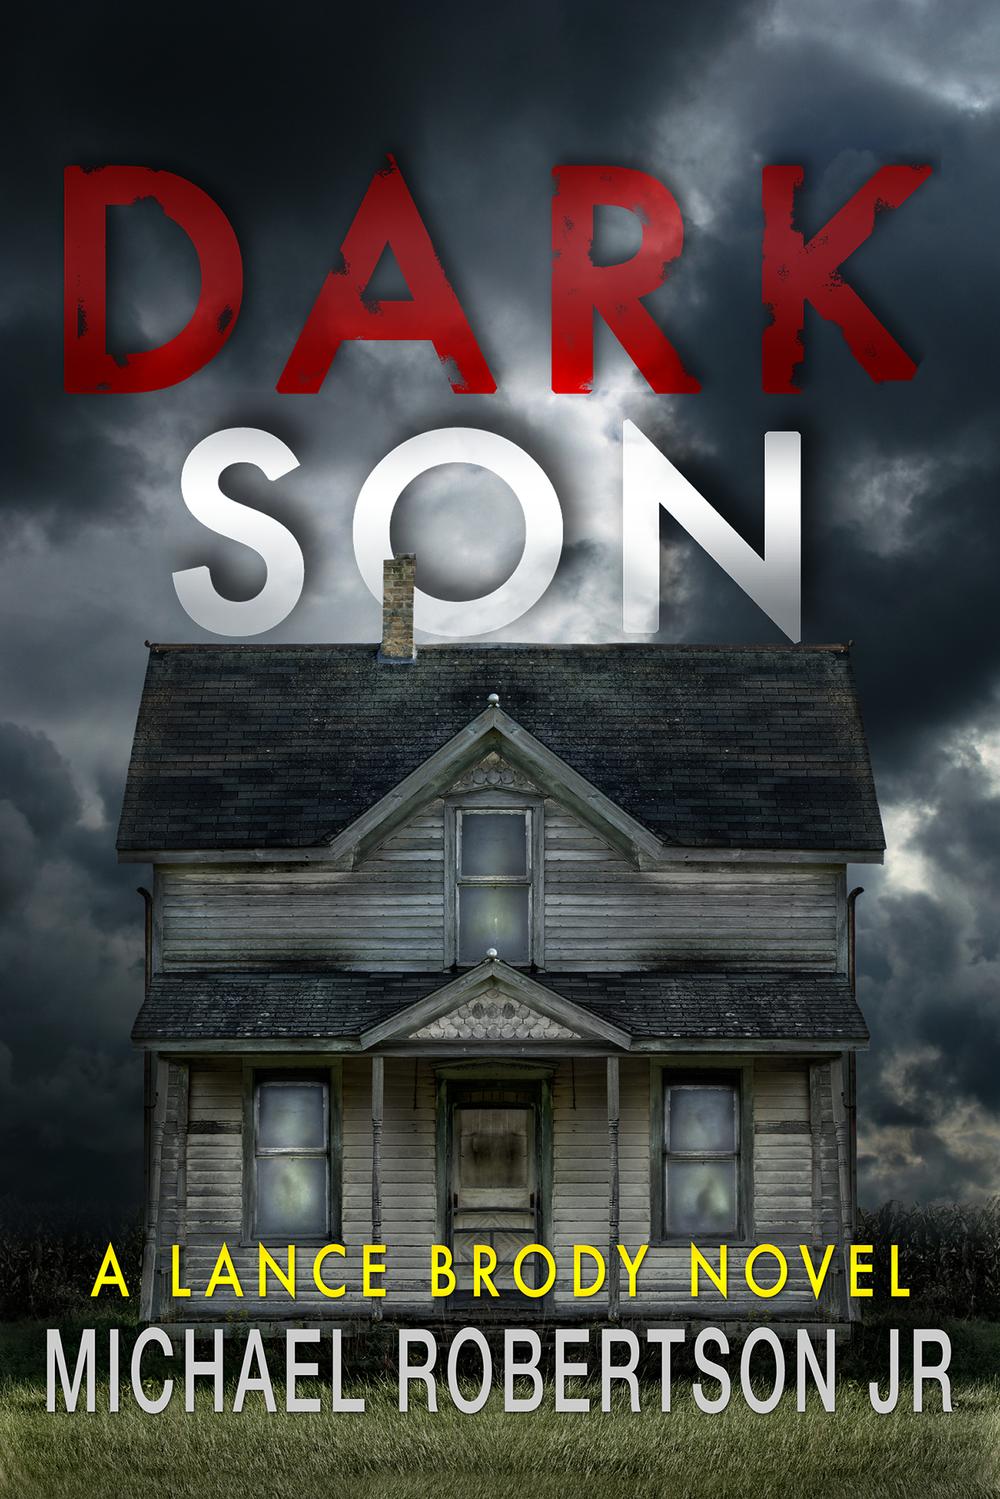 DarkSon-Facebook.png